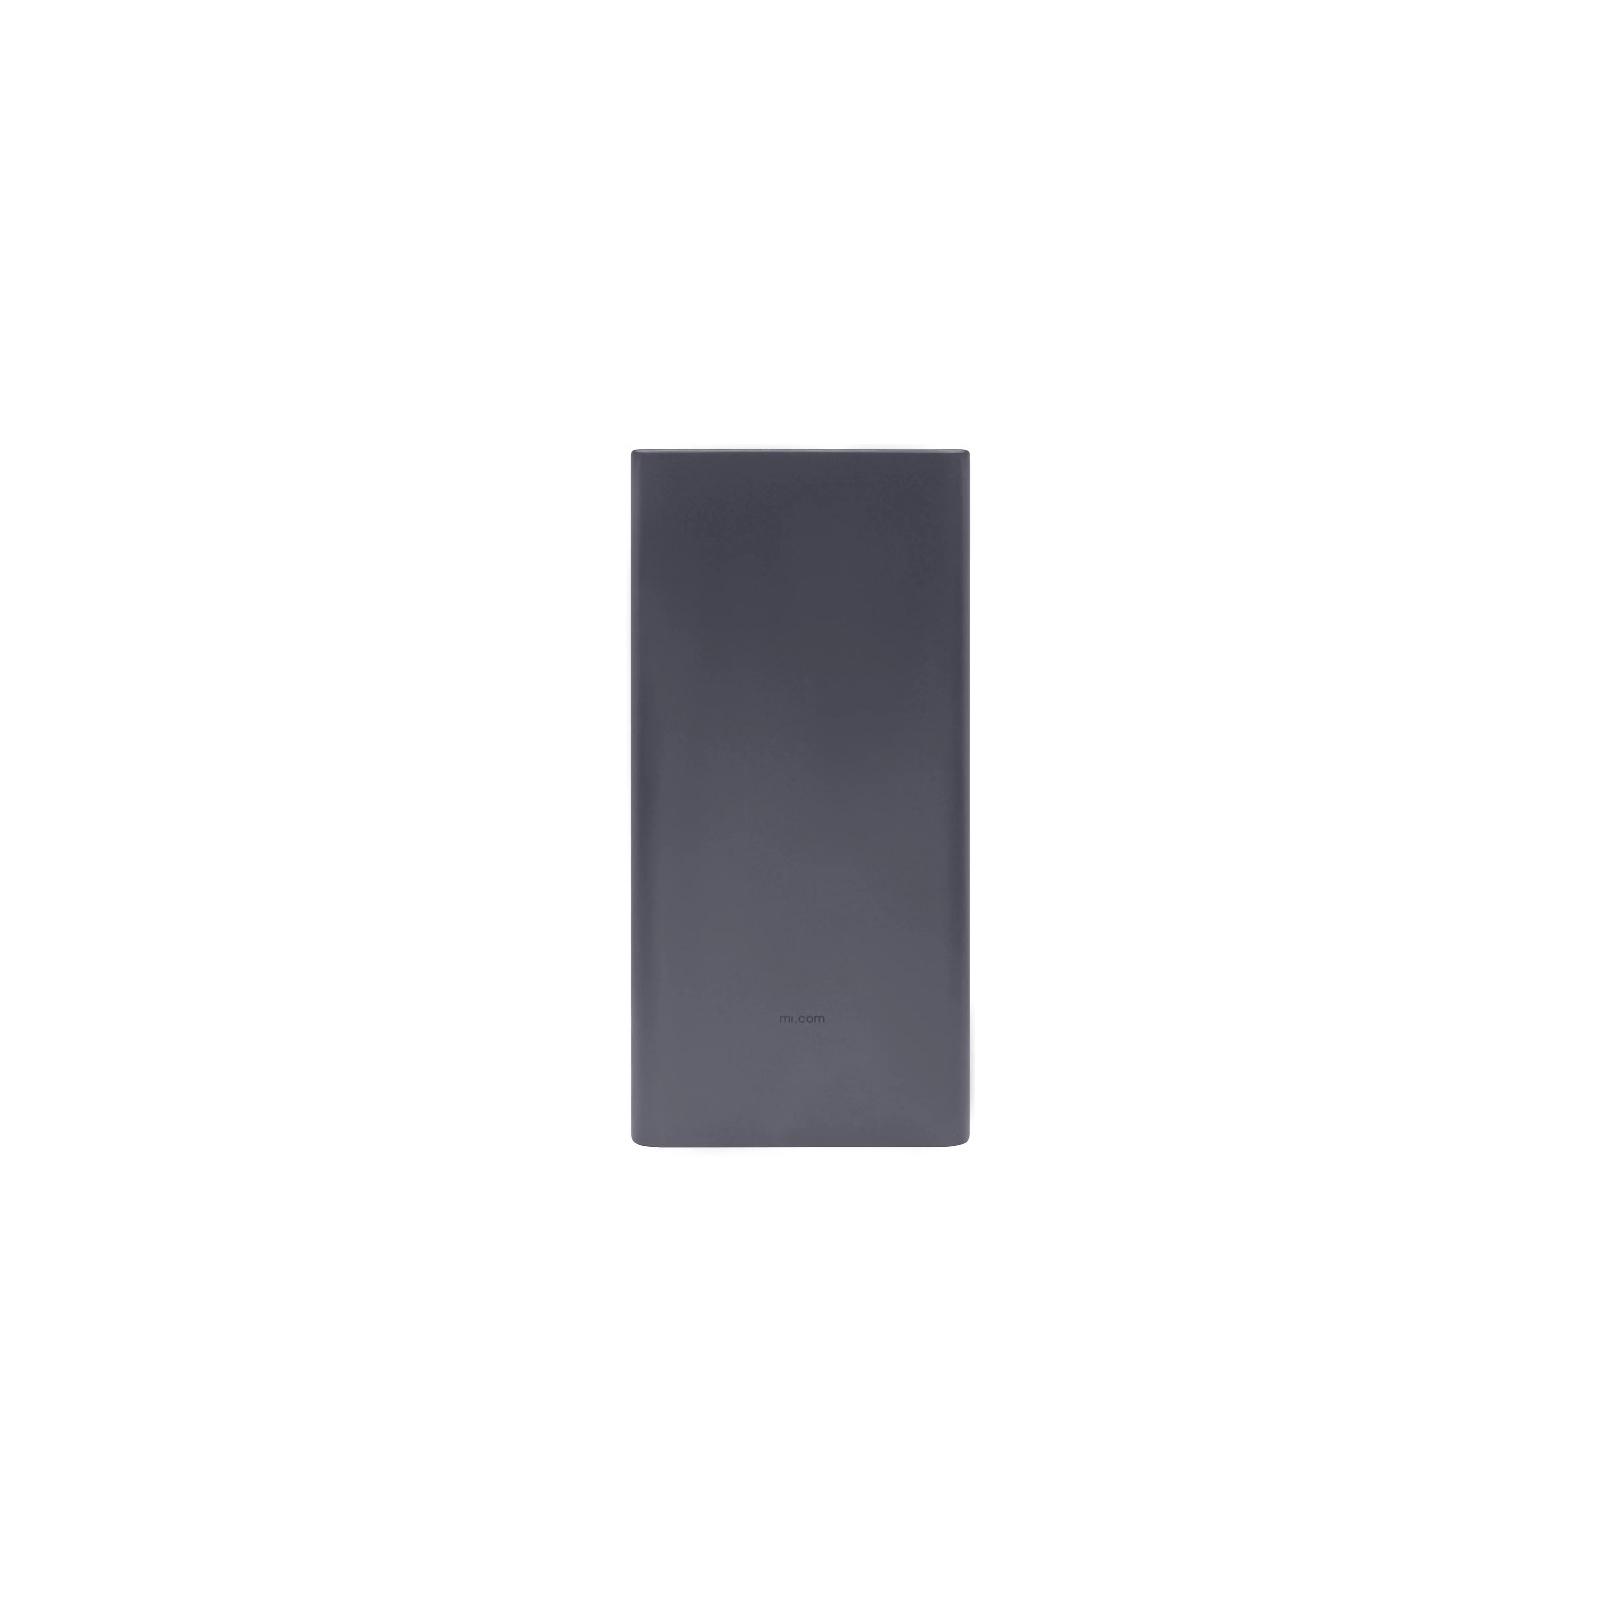 Батарея универсальная Xiaomi Mi Power bank 3 10000mAh QC3.0(Type-C), QC2.0(USB) Black (PLM12ZM-Black) изображение 4